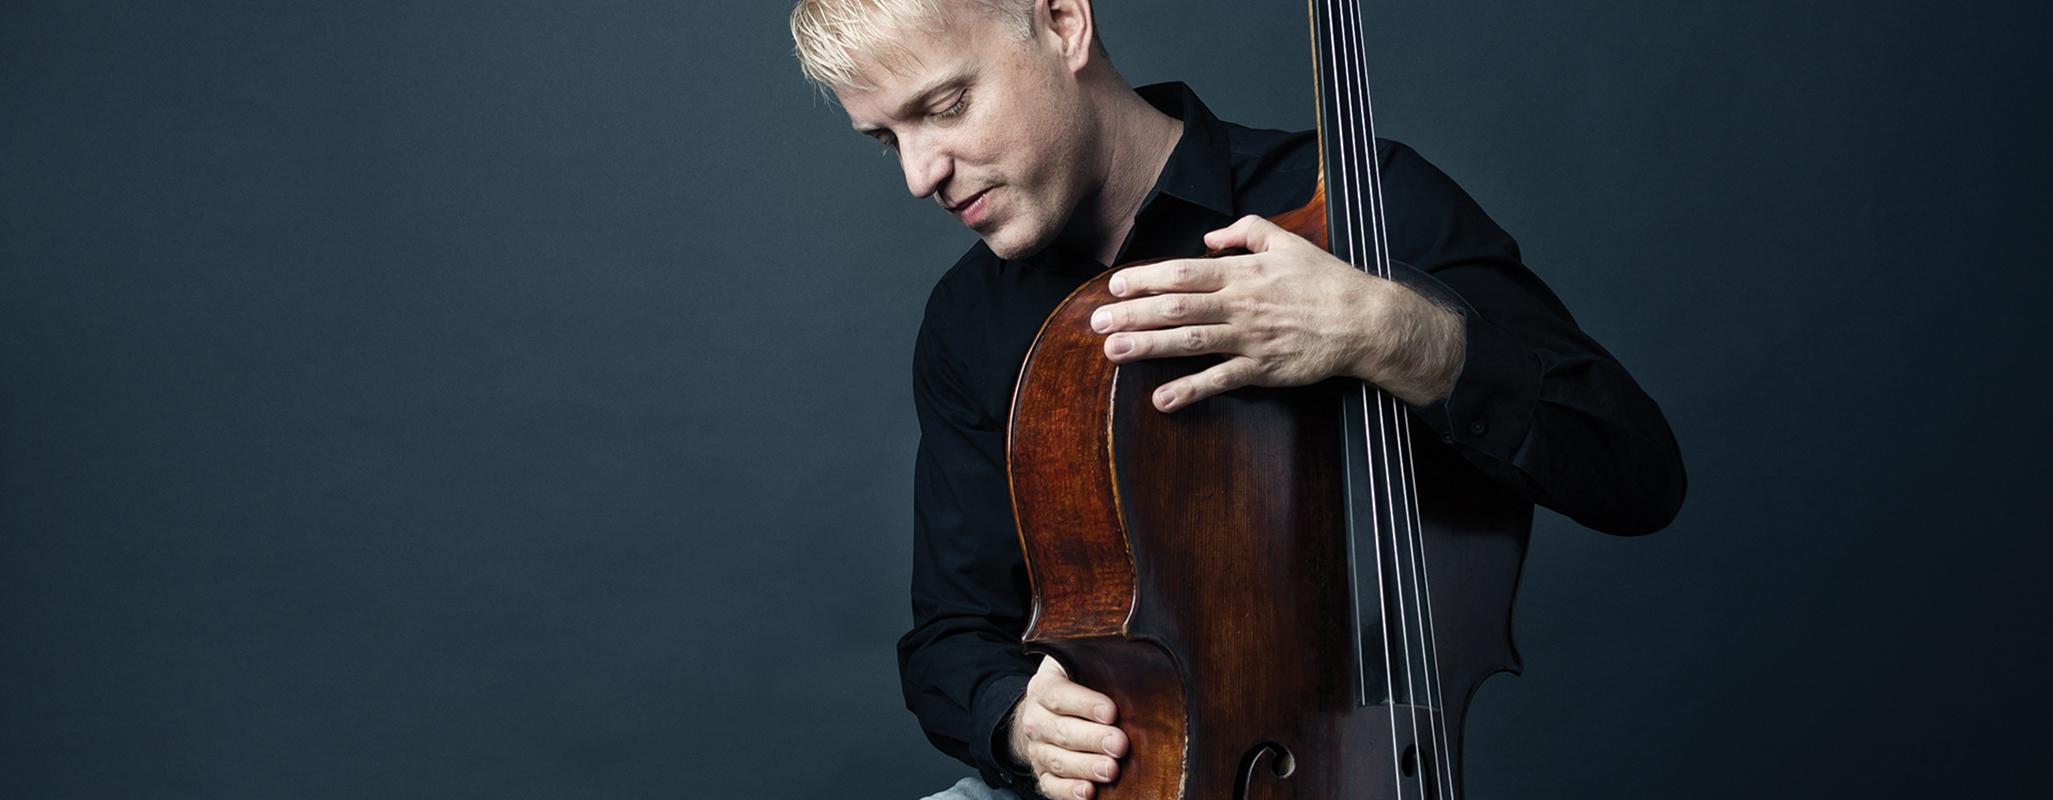 TSO Principal Cello Joe Johnson